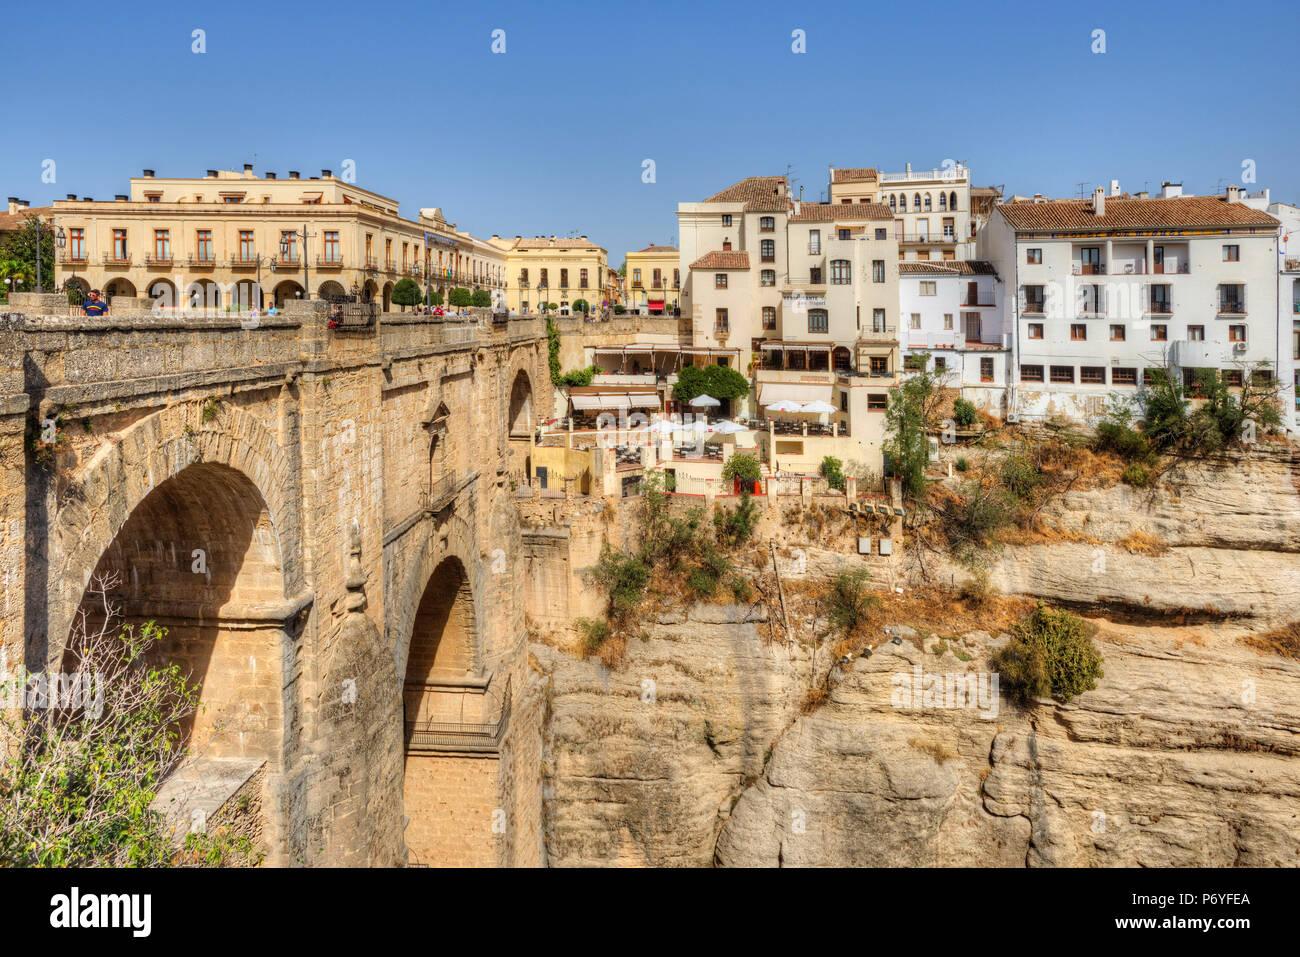 Puente Nuevo ponte sul Tago Gorge, Ronda, Andalusia, Spagna Foto Stock